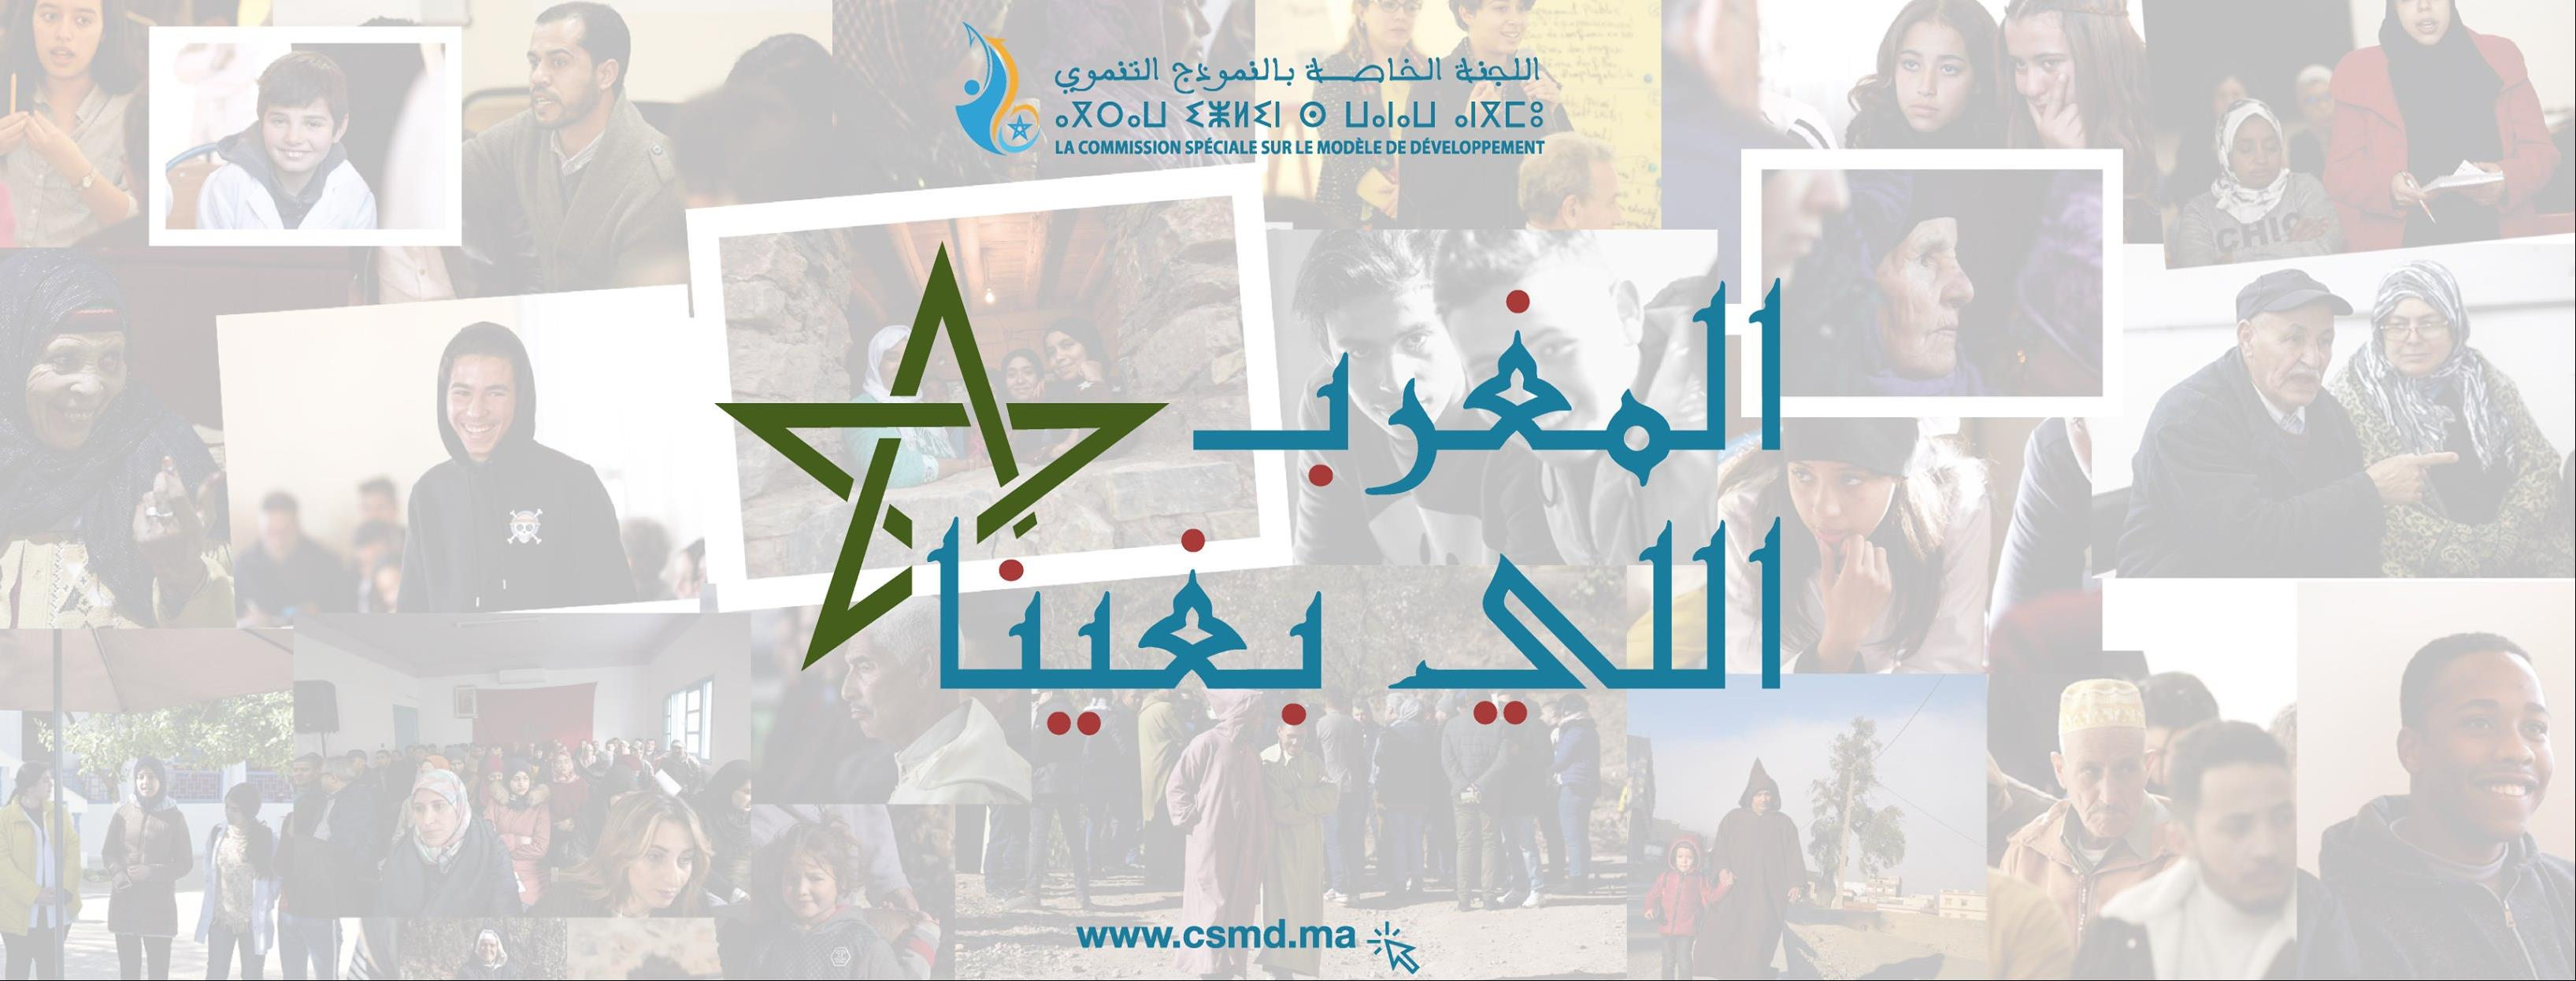 قراءات اقتصادية واجتماعية في التقرير الخاص بالنموذج التنموي لمغرب الغد